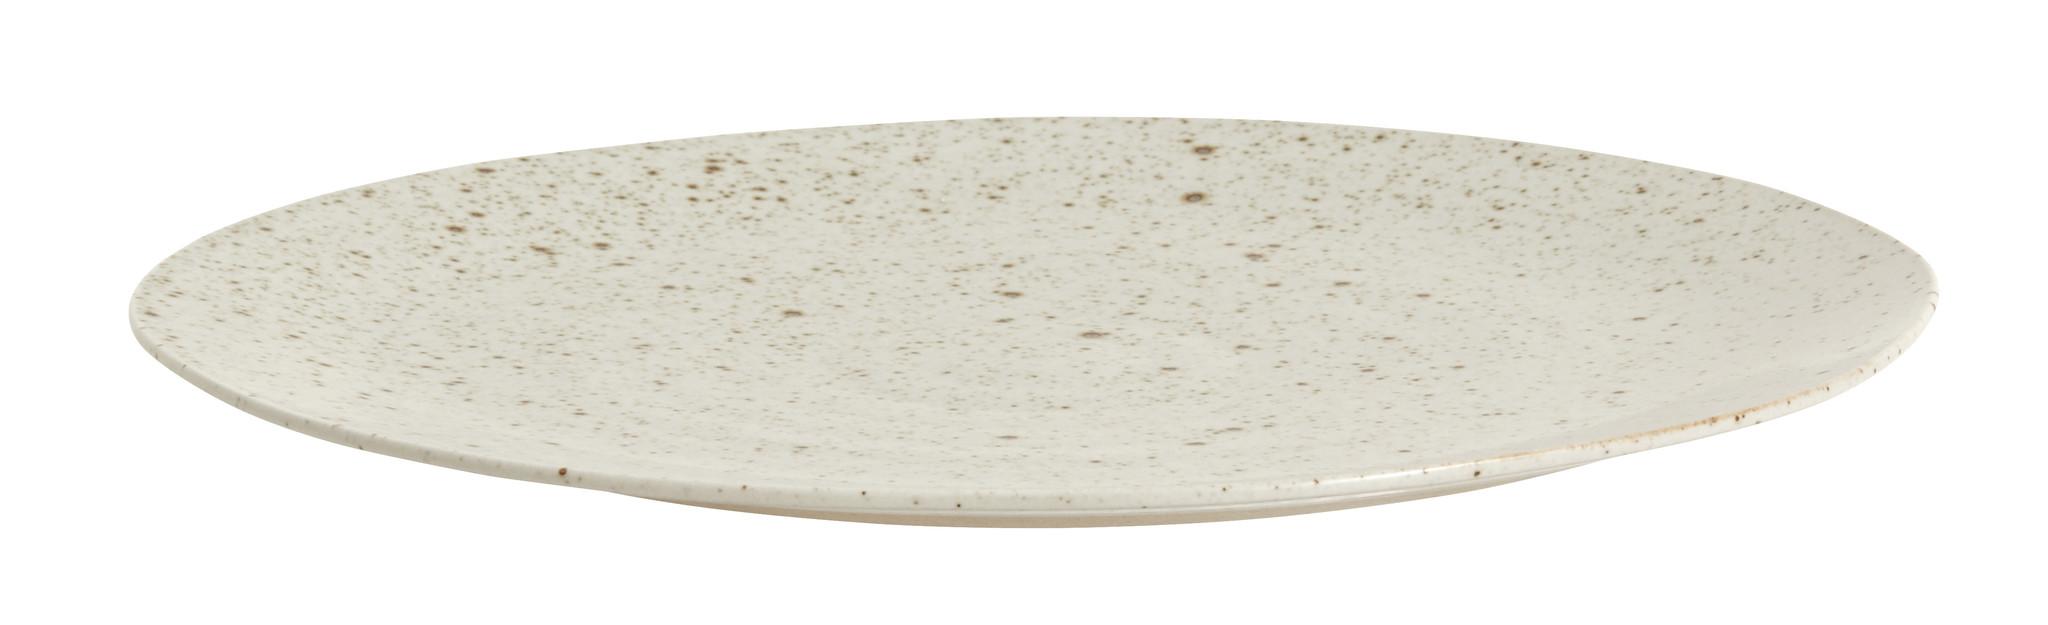 Nordal Grainy dinerbord ø 28 cm - zandkleurig - set van 4